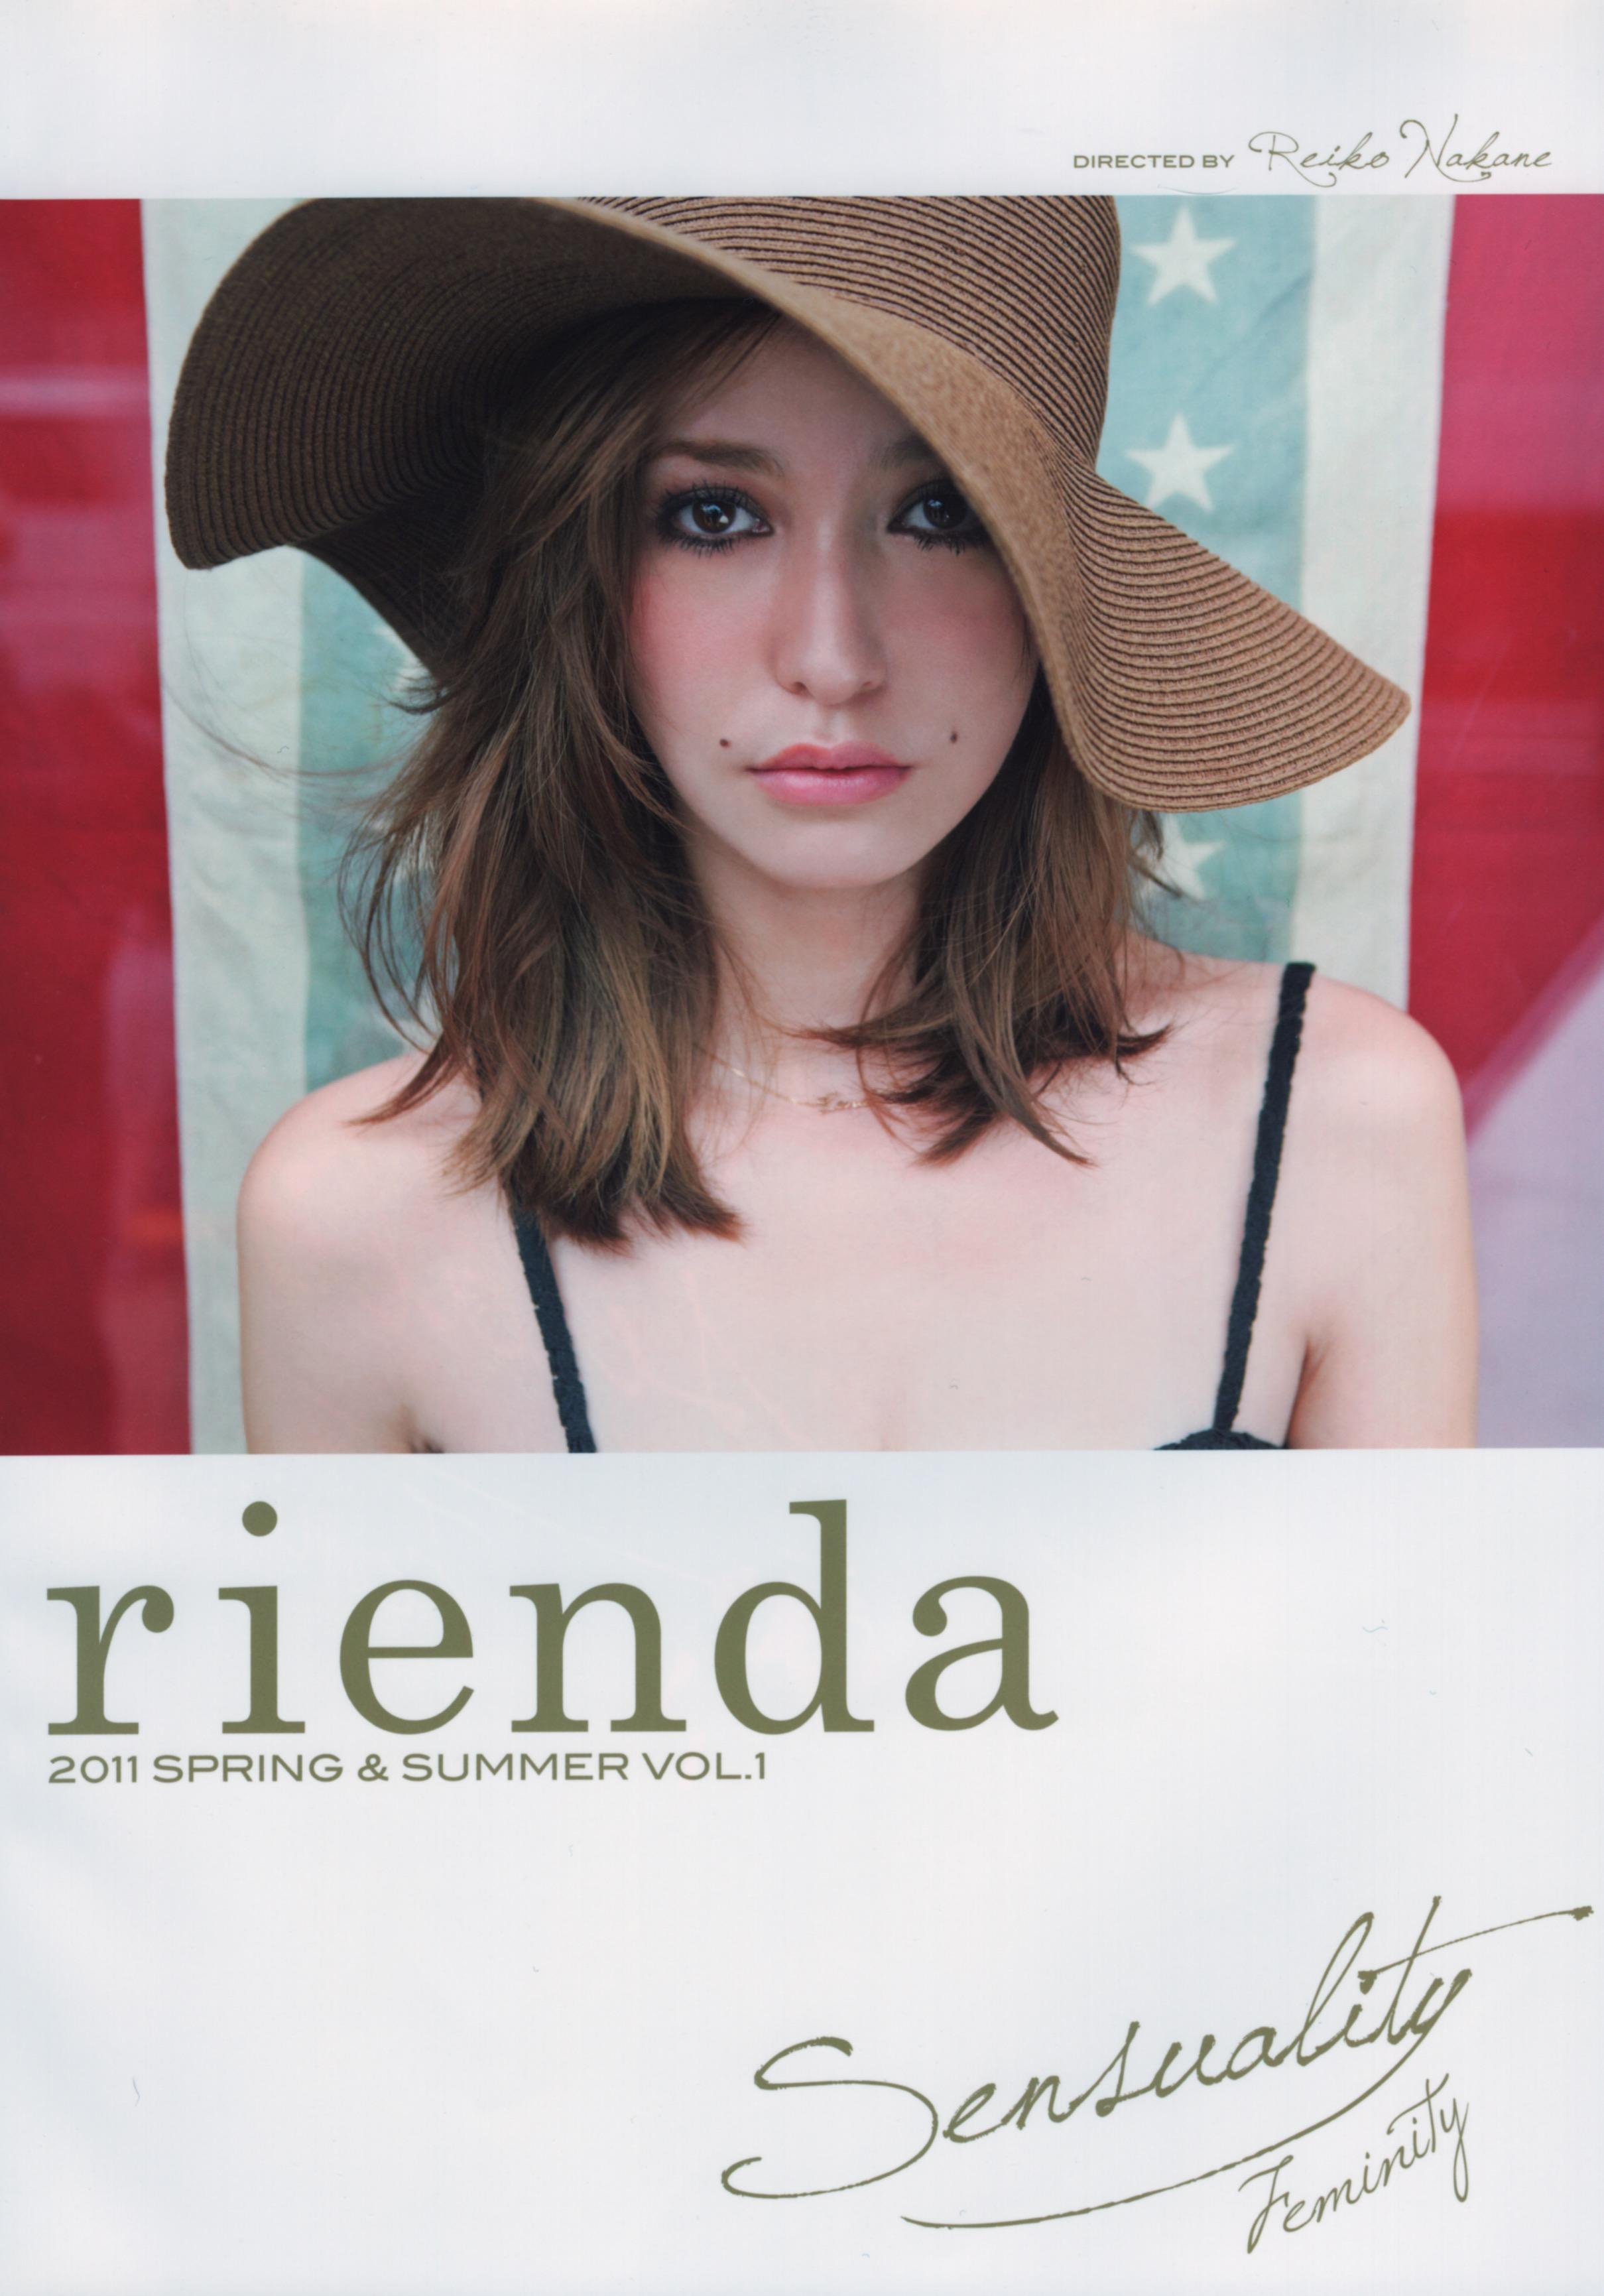 rienda 2011 spring summer vol.1